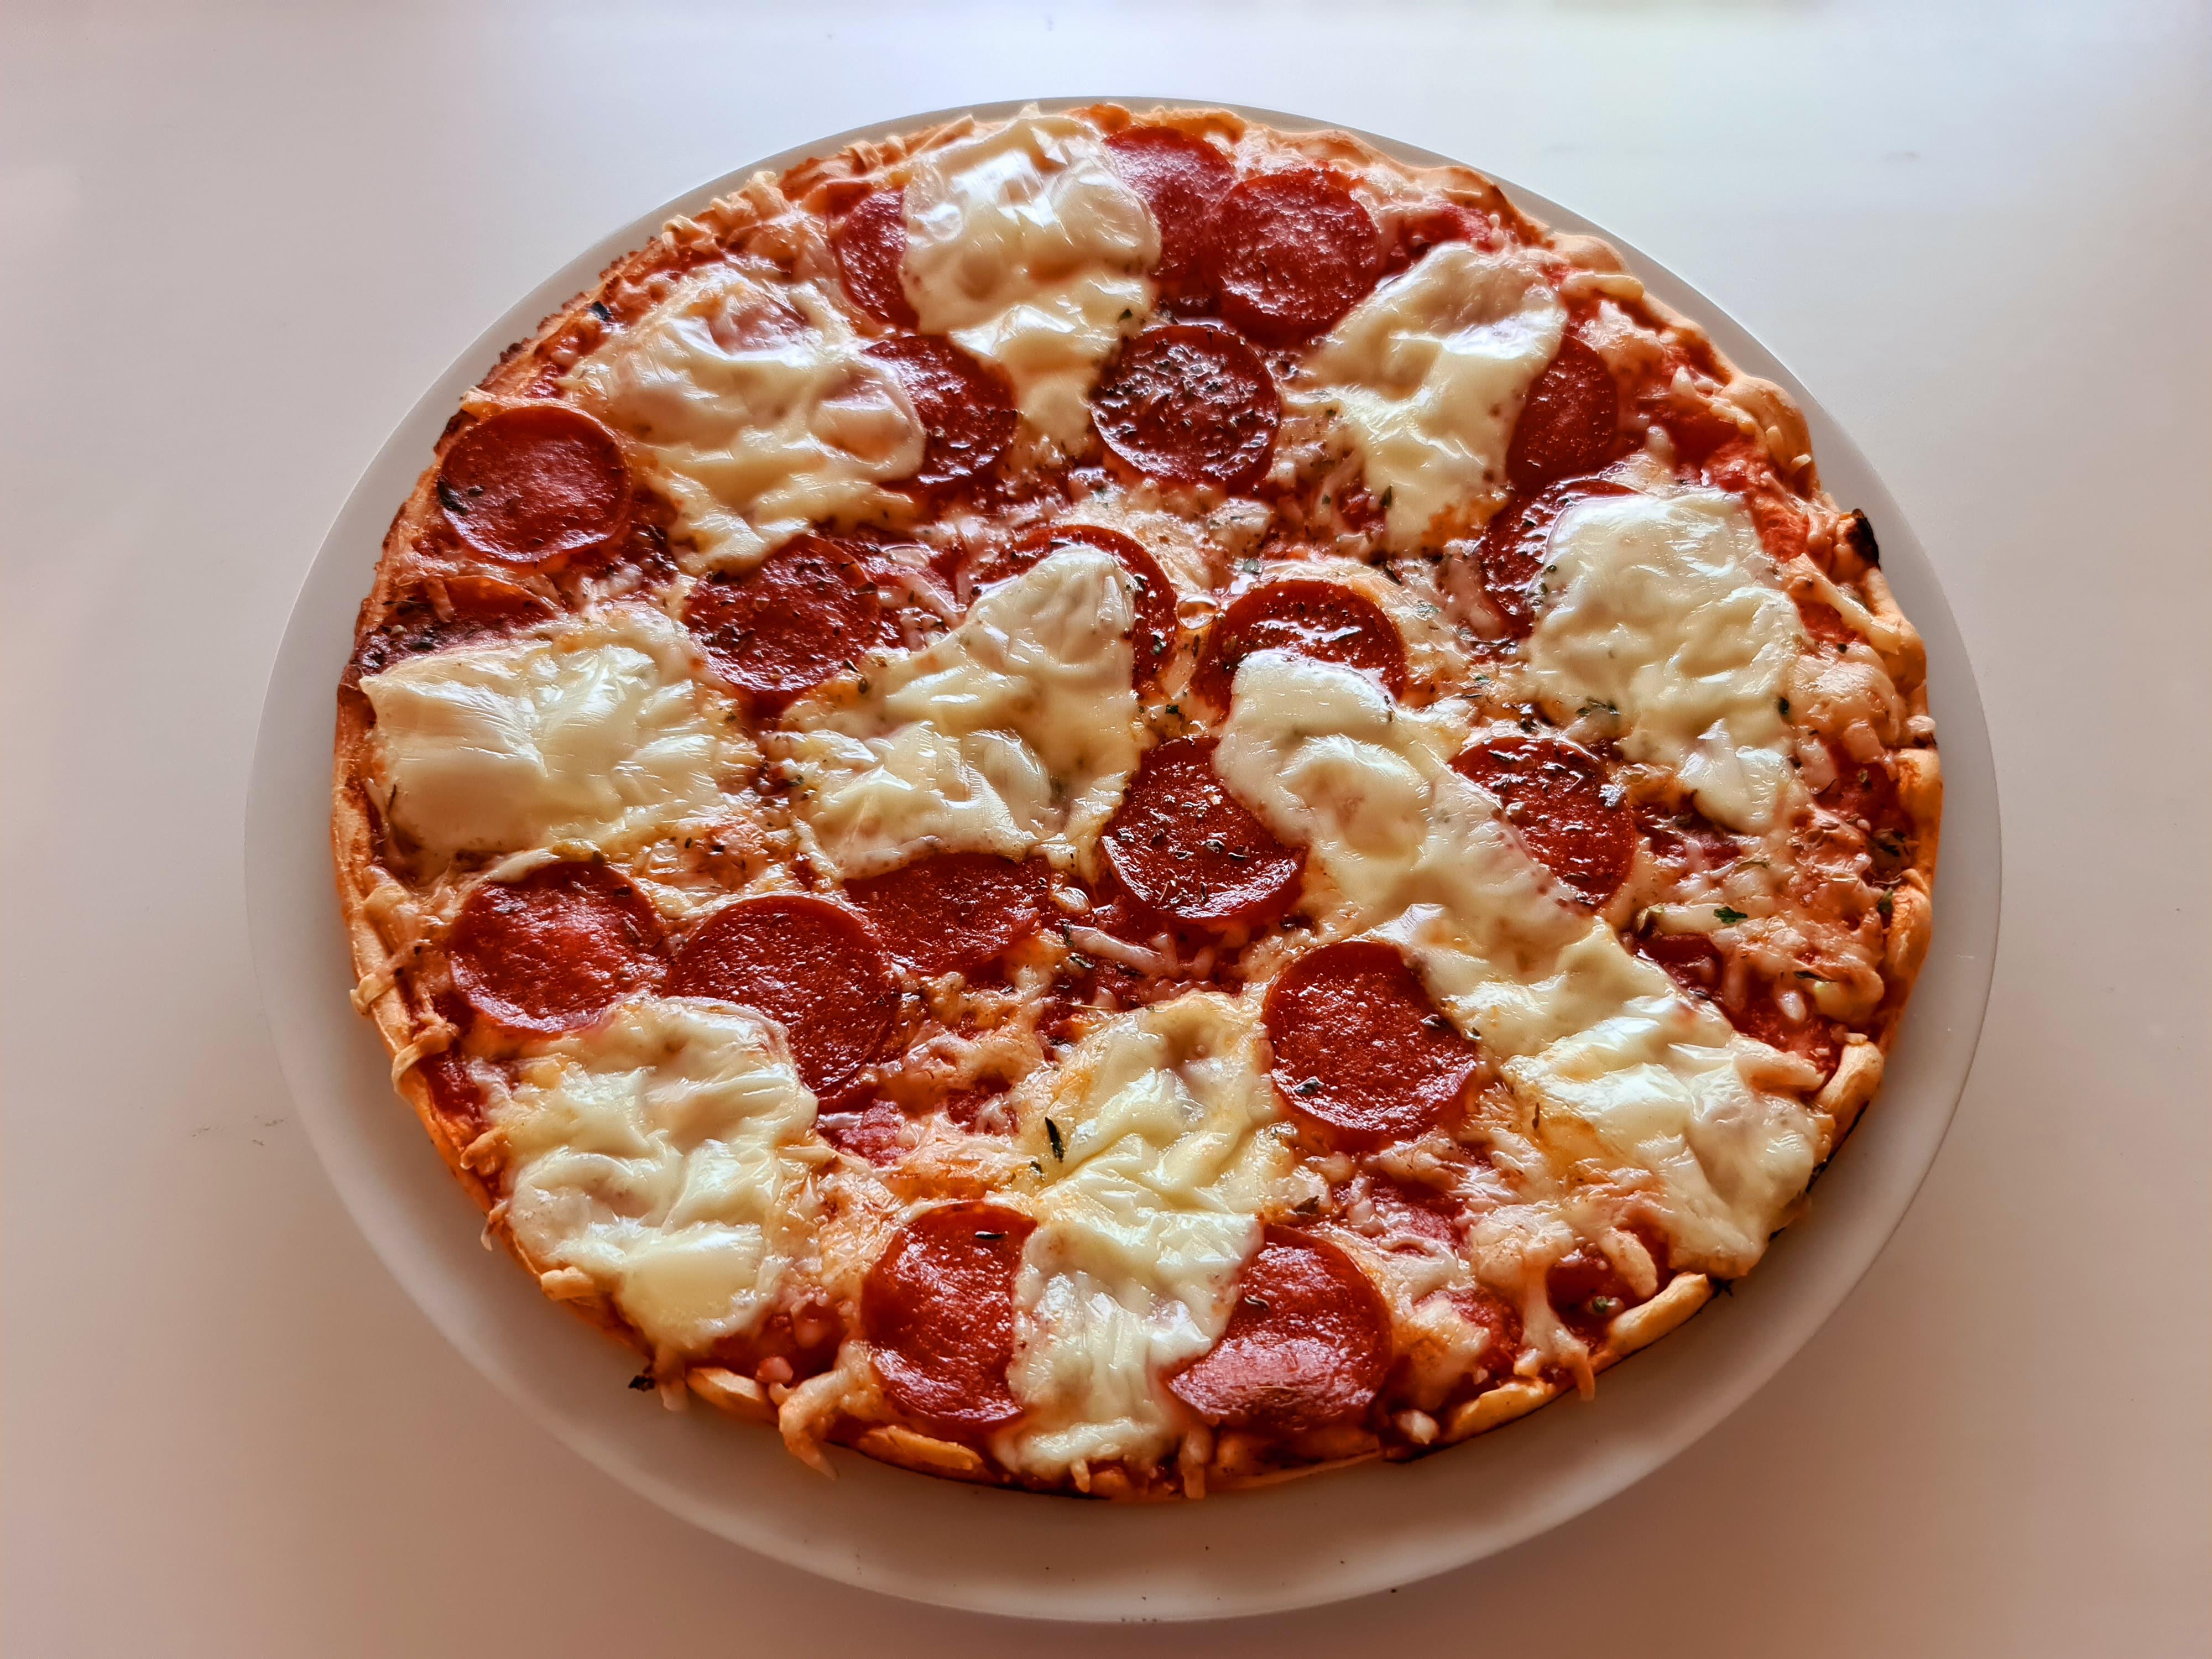 https://foodloader.net/Holz_2020-03-18_Pizza.jpg